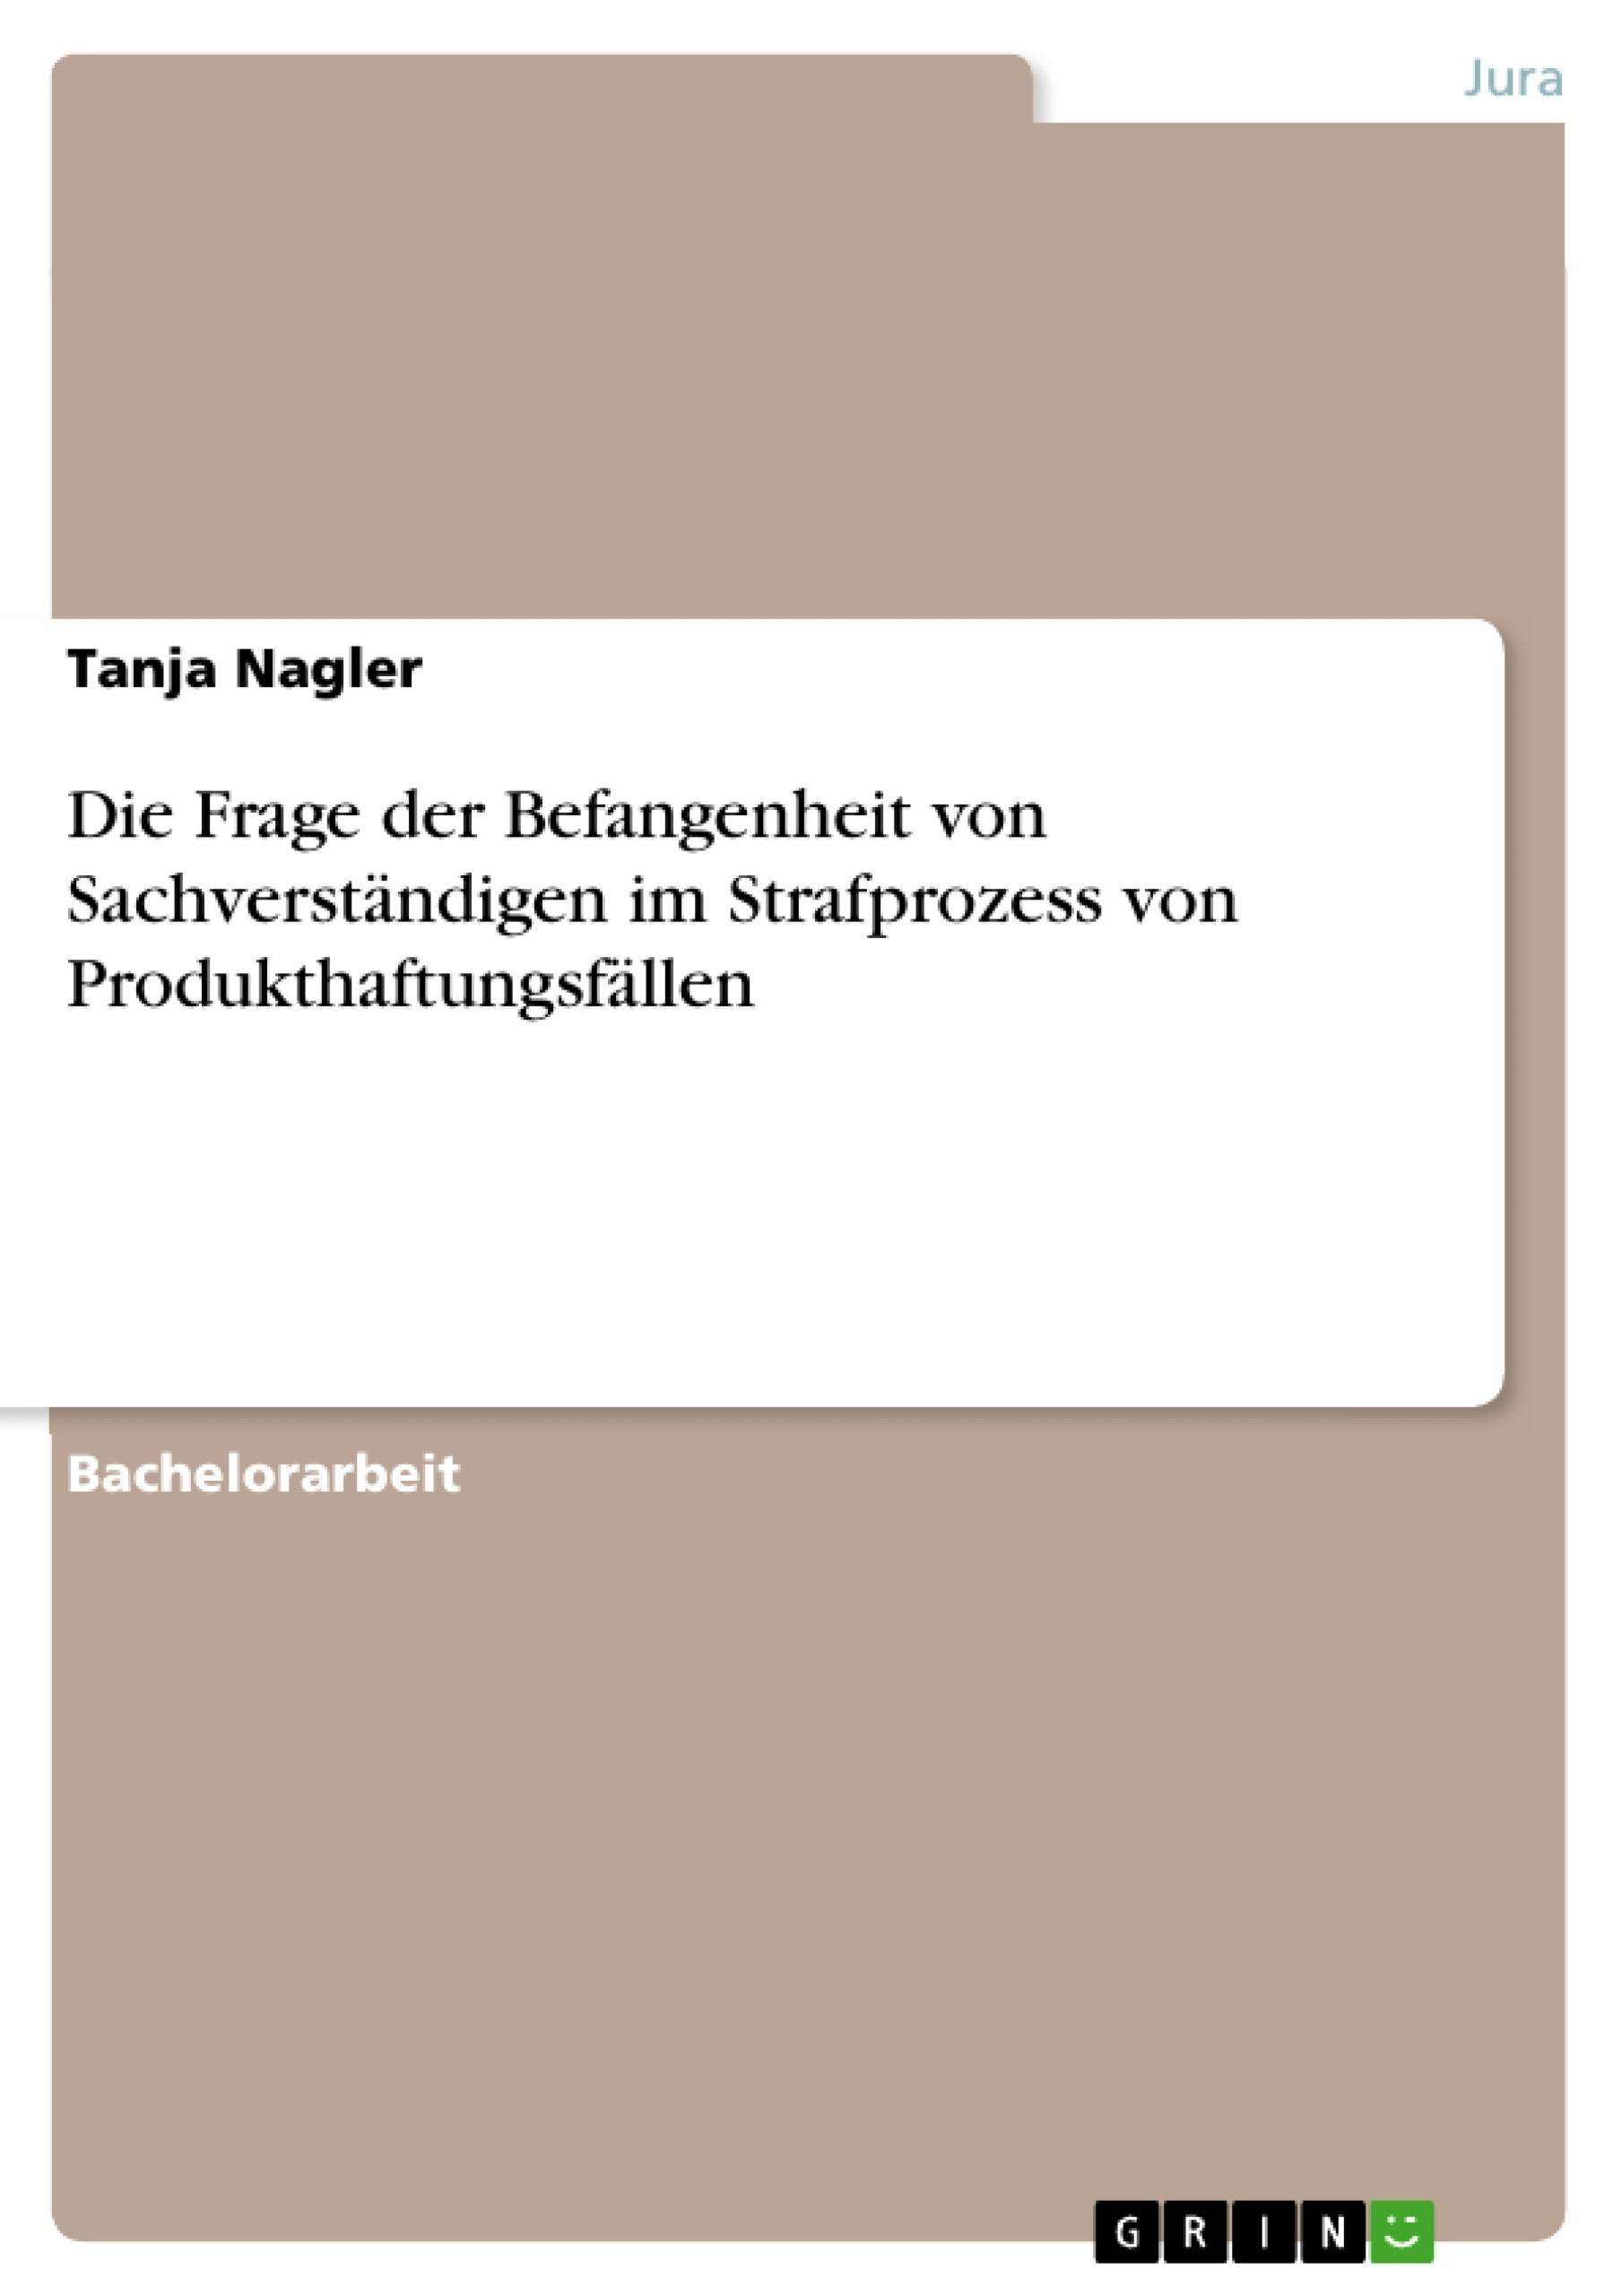 Titel: Die Frage der Befangenheit von Sachverständigen im Strafprozess von Produkthaftungsfällen